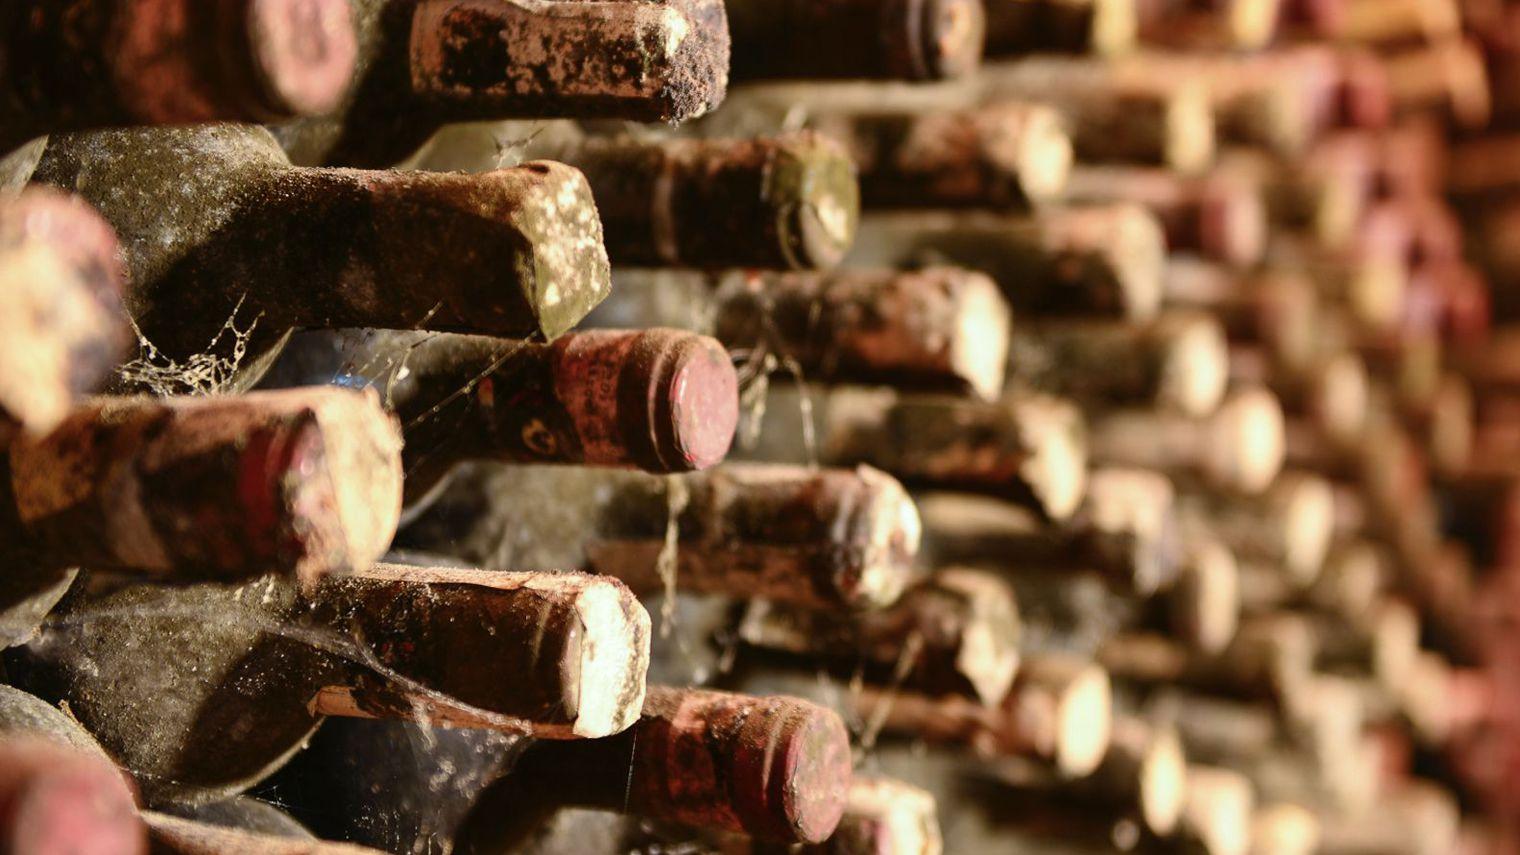 Cave à vin : Tout ce qu'il faut savoir sur les caves à vin pour bien s'équiper